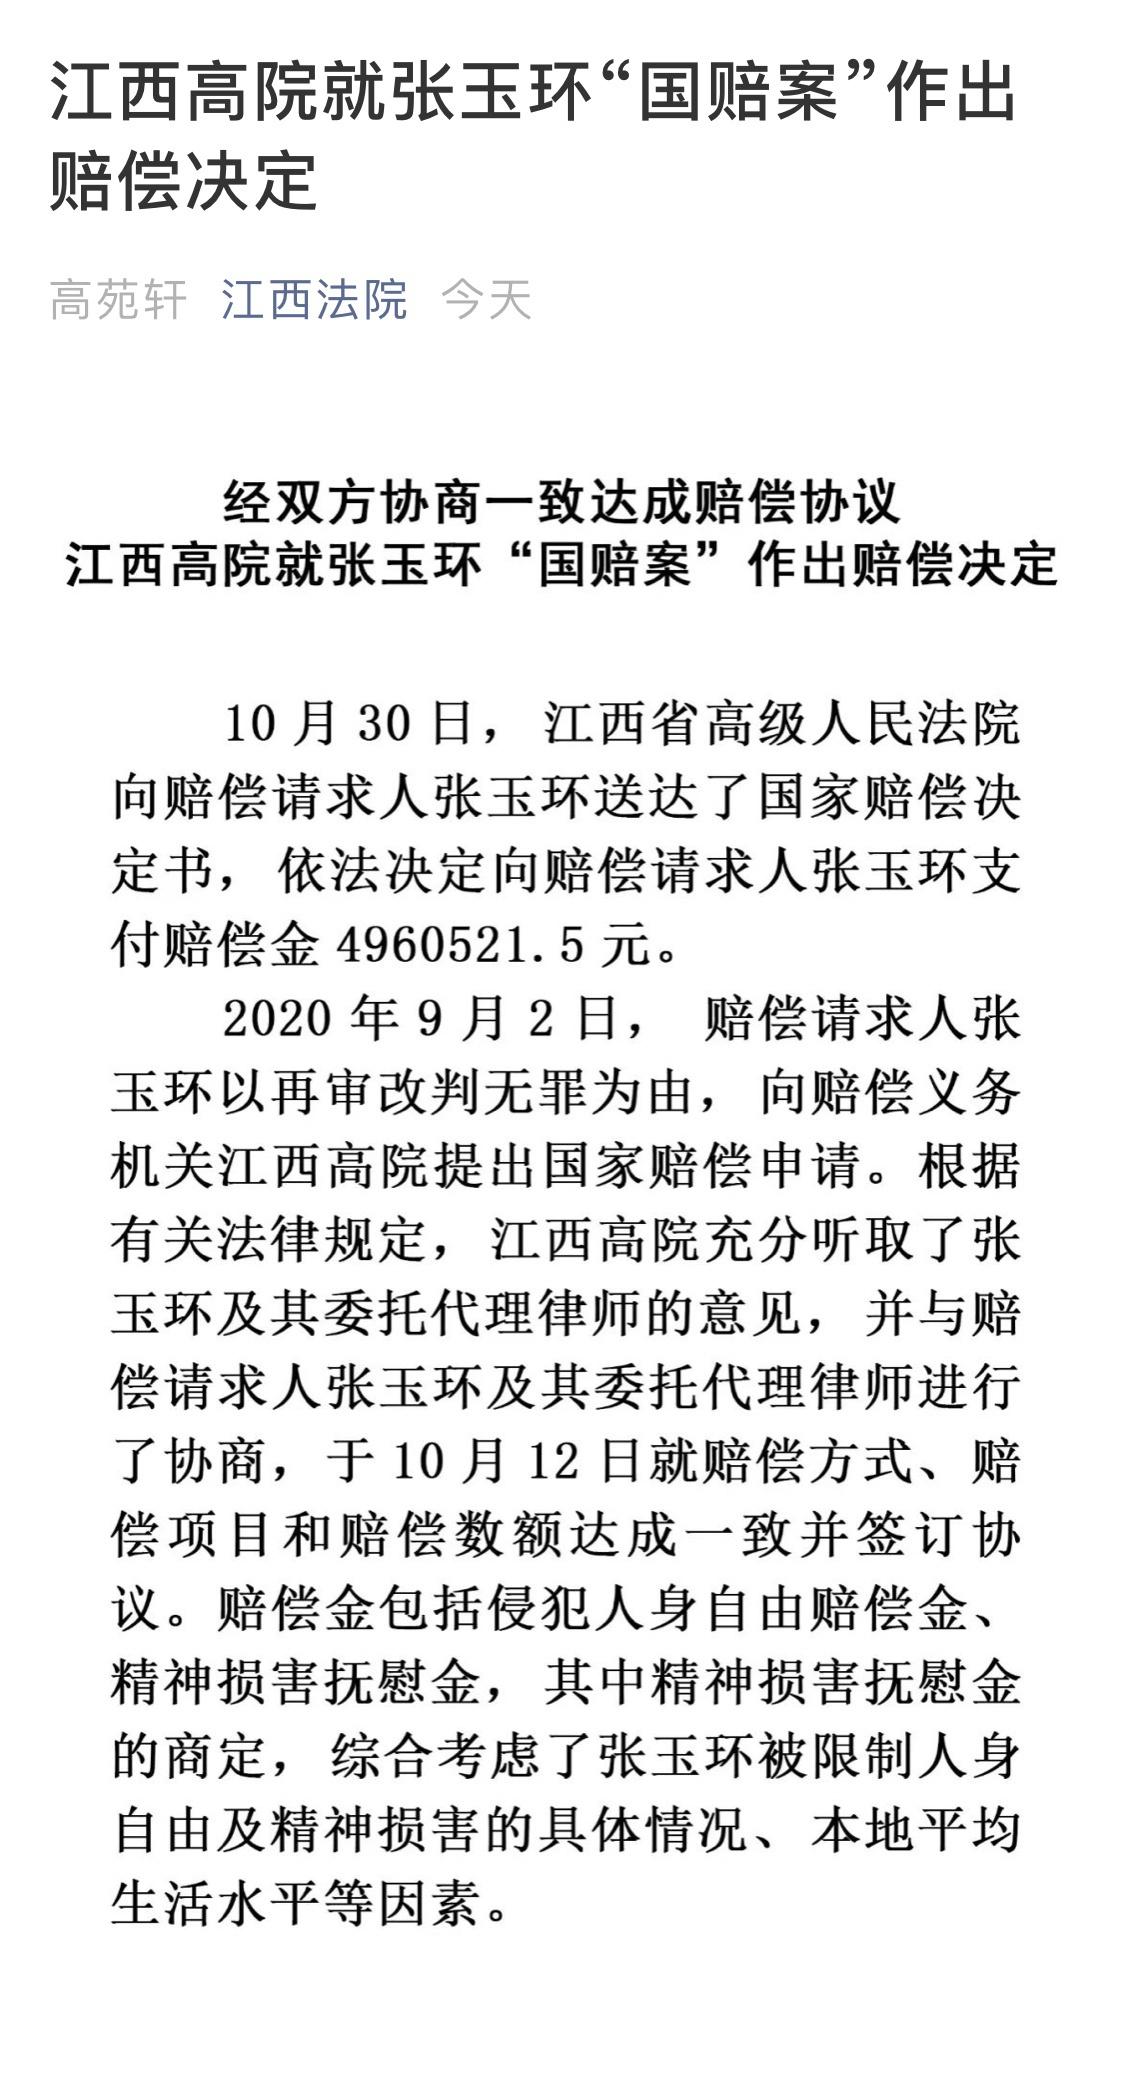 张玉环羁押9778天获496万国家赔偿,家人:他准备年后去工图片